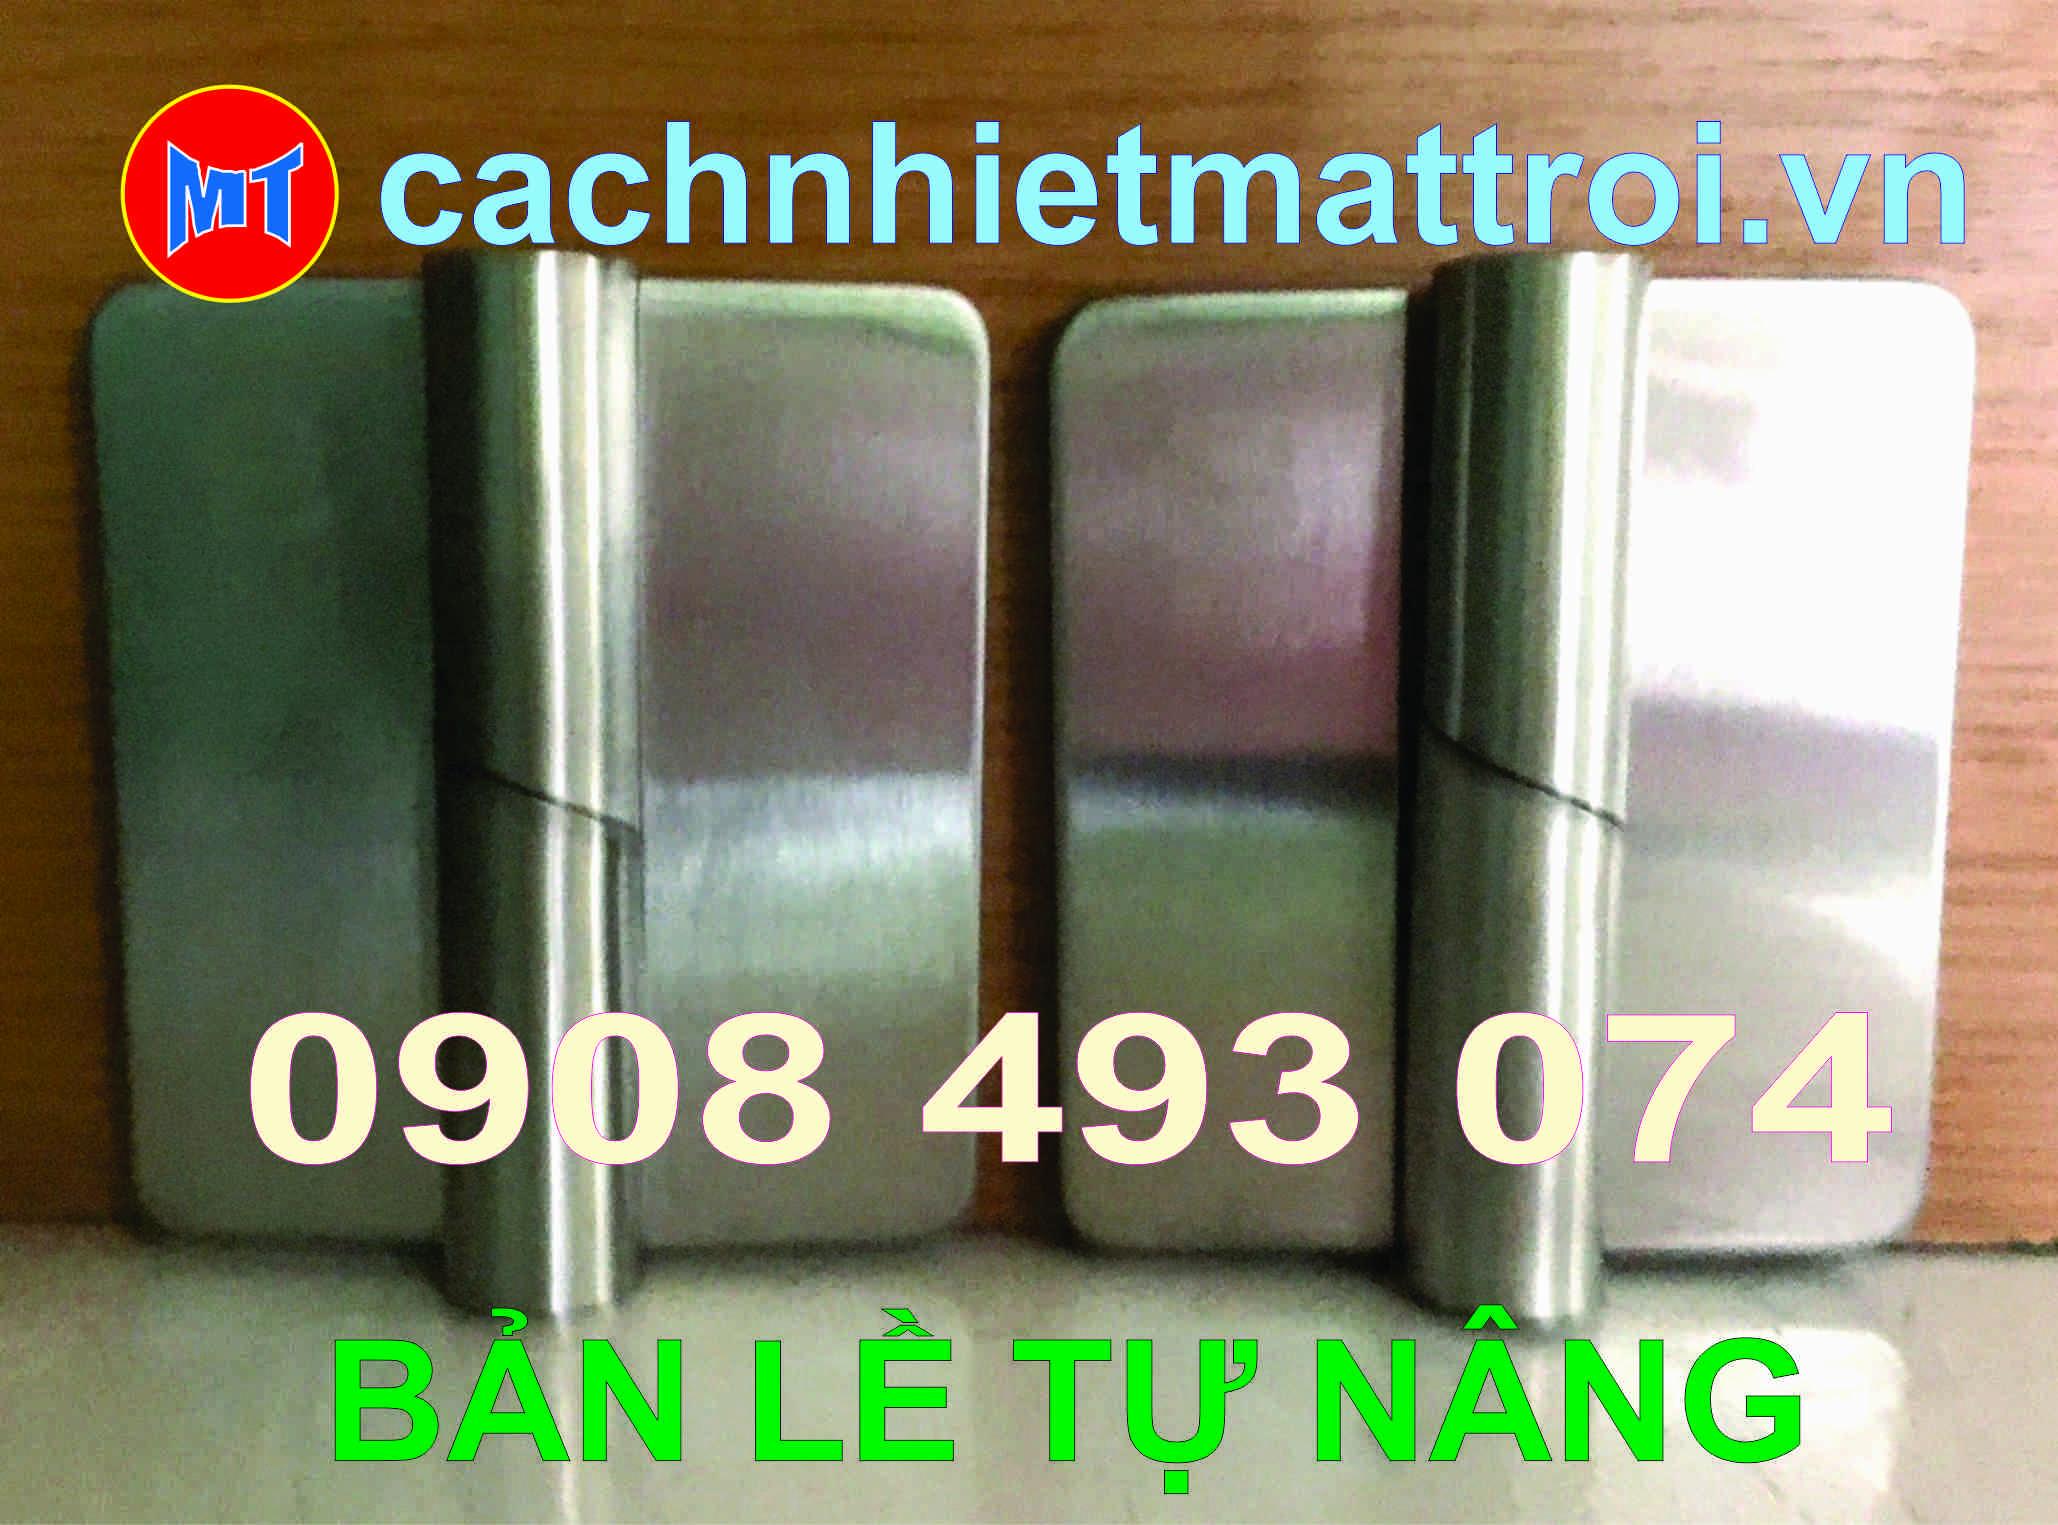 hình ảnh sản phẩm BẢN LỀ CỐI TỰ NÂNG INOX 304